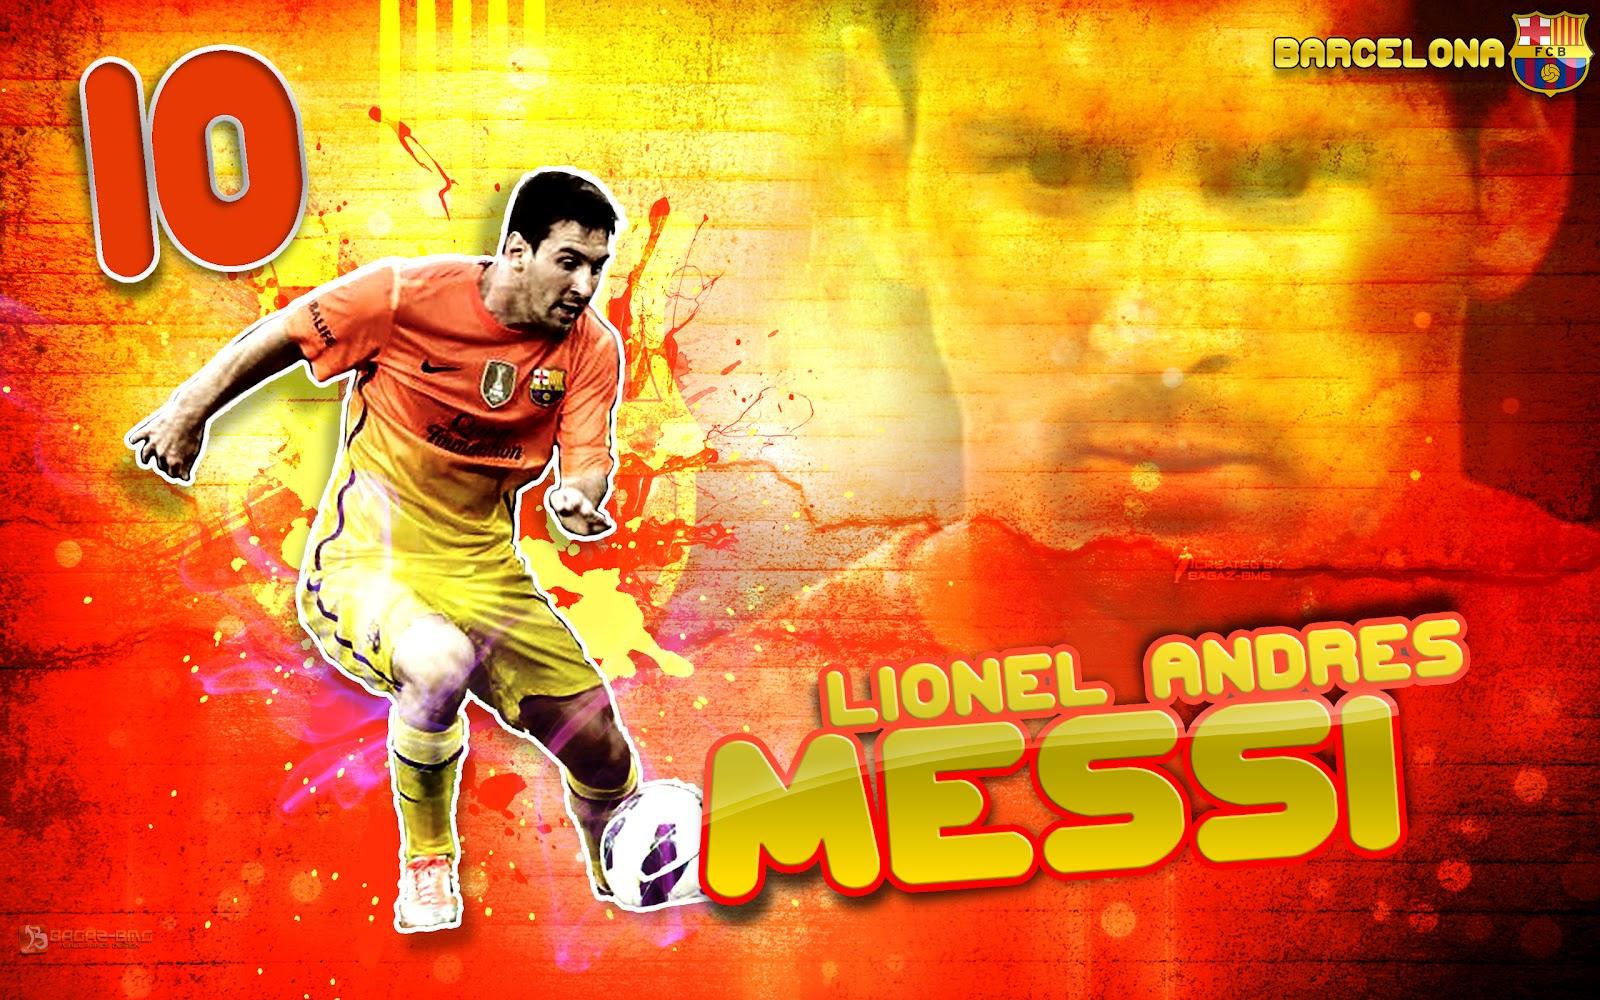 http://3.bp.blogspot.com/-8ffvYYLnyWw/UVSRySBVfoI/AAAAAAAAAoQ/7lT4Y8cxbZk/s1600/Lionel+Messi+New+HD+Wallpaper+2013+02.jpg